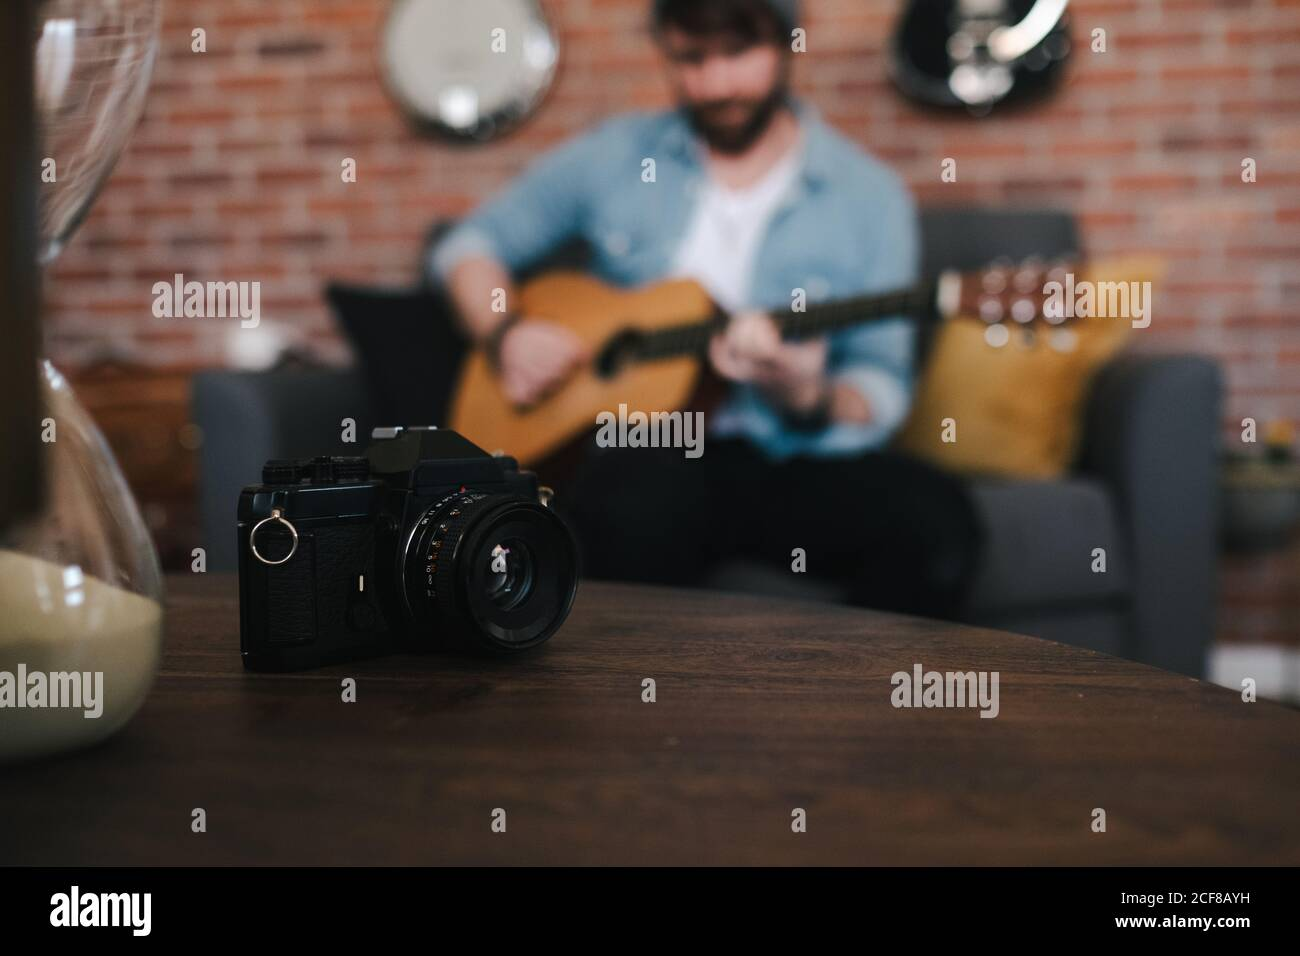 Crop Bearded gars dans la veste de denim jouant de la guitare acoustique pendant asseyez-vous sur un canapé confortable devant une table en bois avec appareil photo et sablier à la maison Banque D'Images